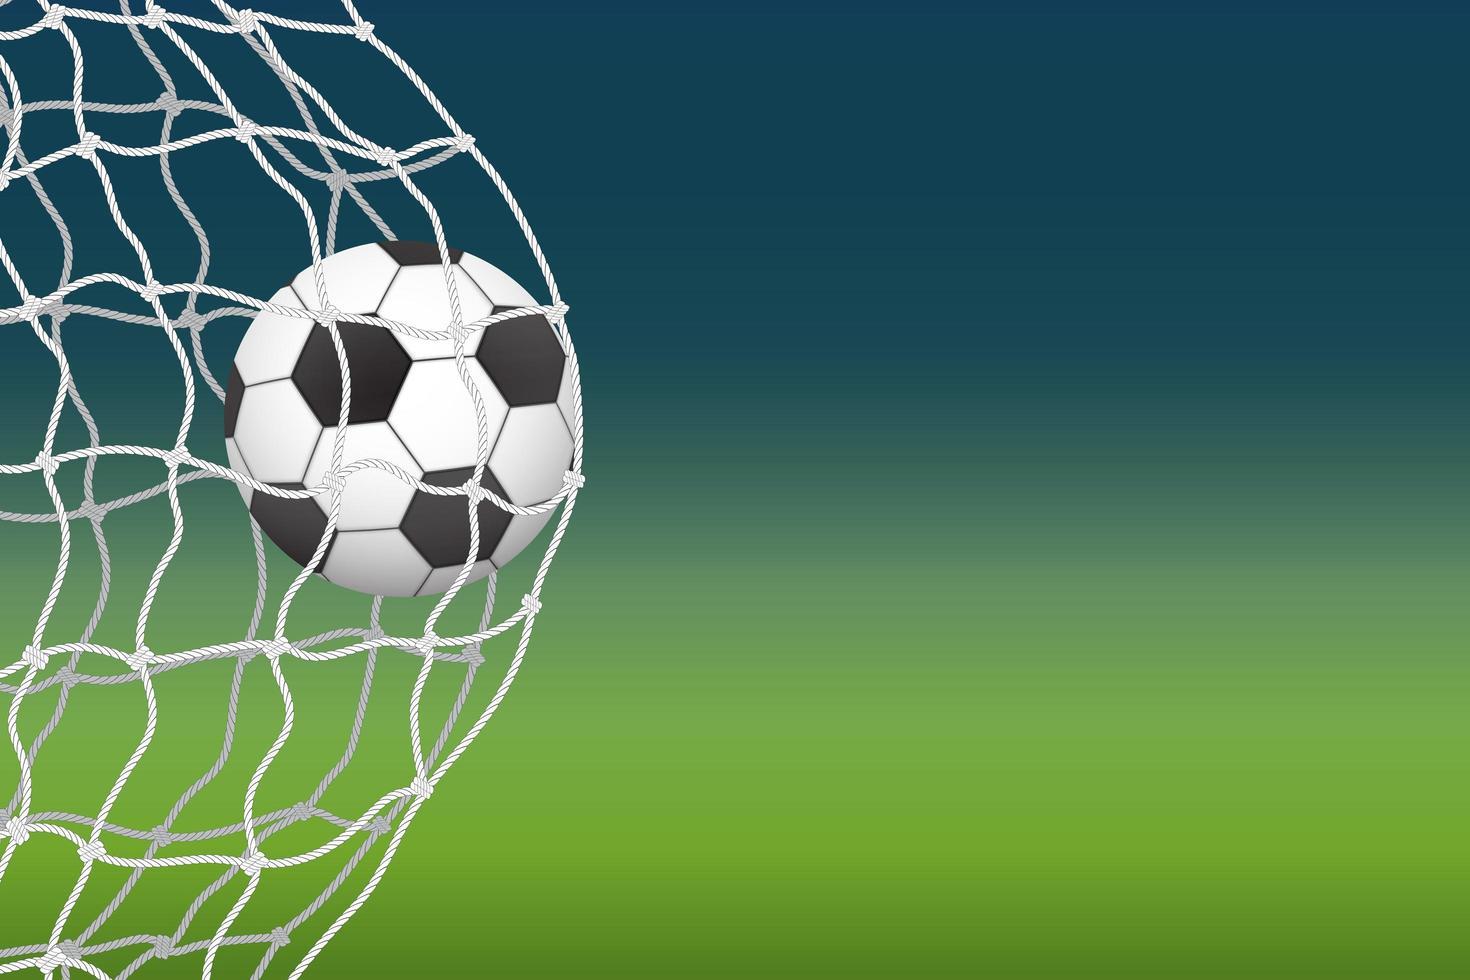 Fußball betritt das Netto-Tor vektor